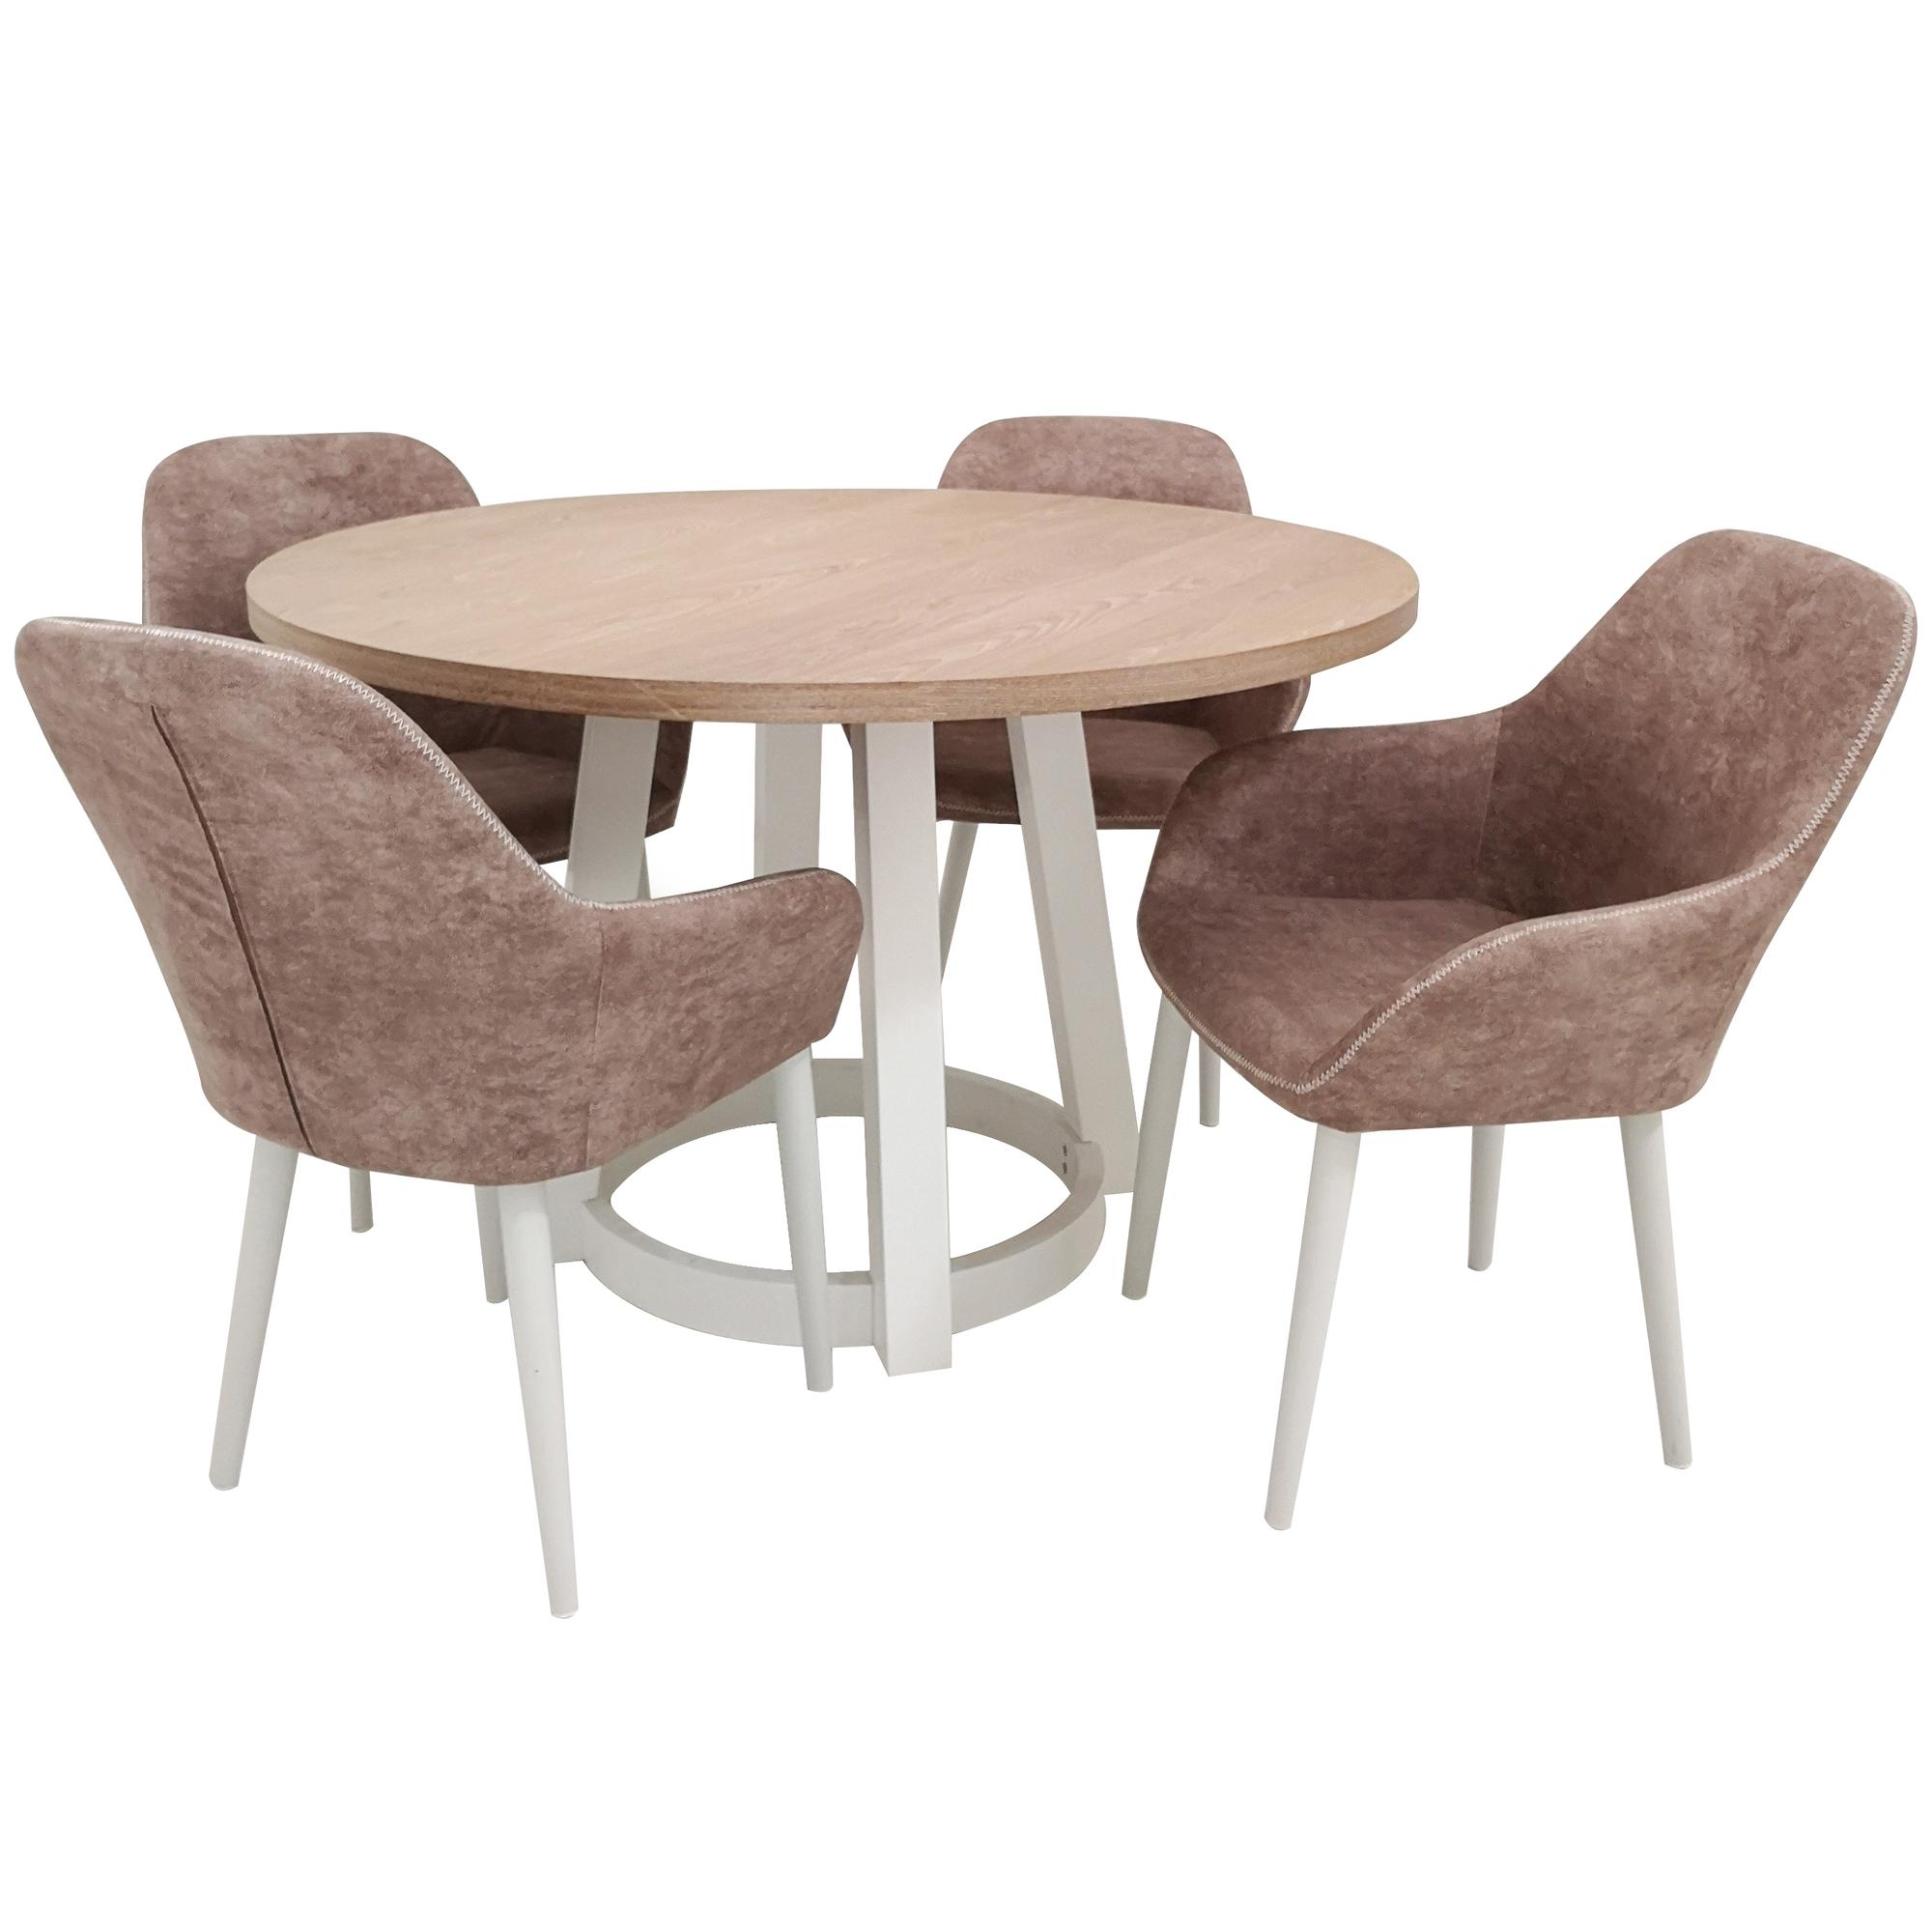 4 Seater Eli Upholstered Dining Set Temple Webster